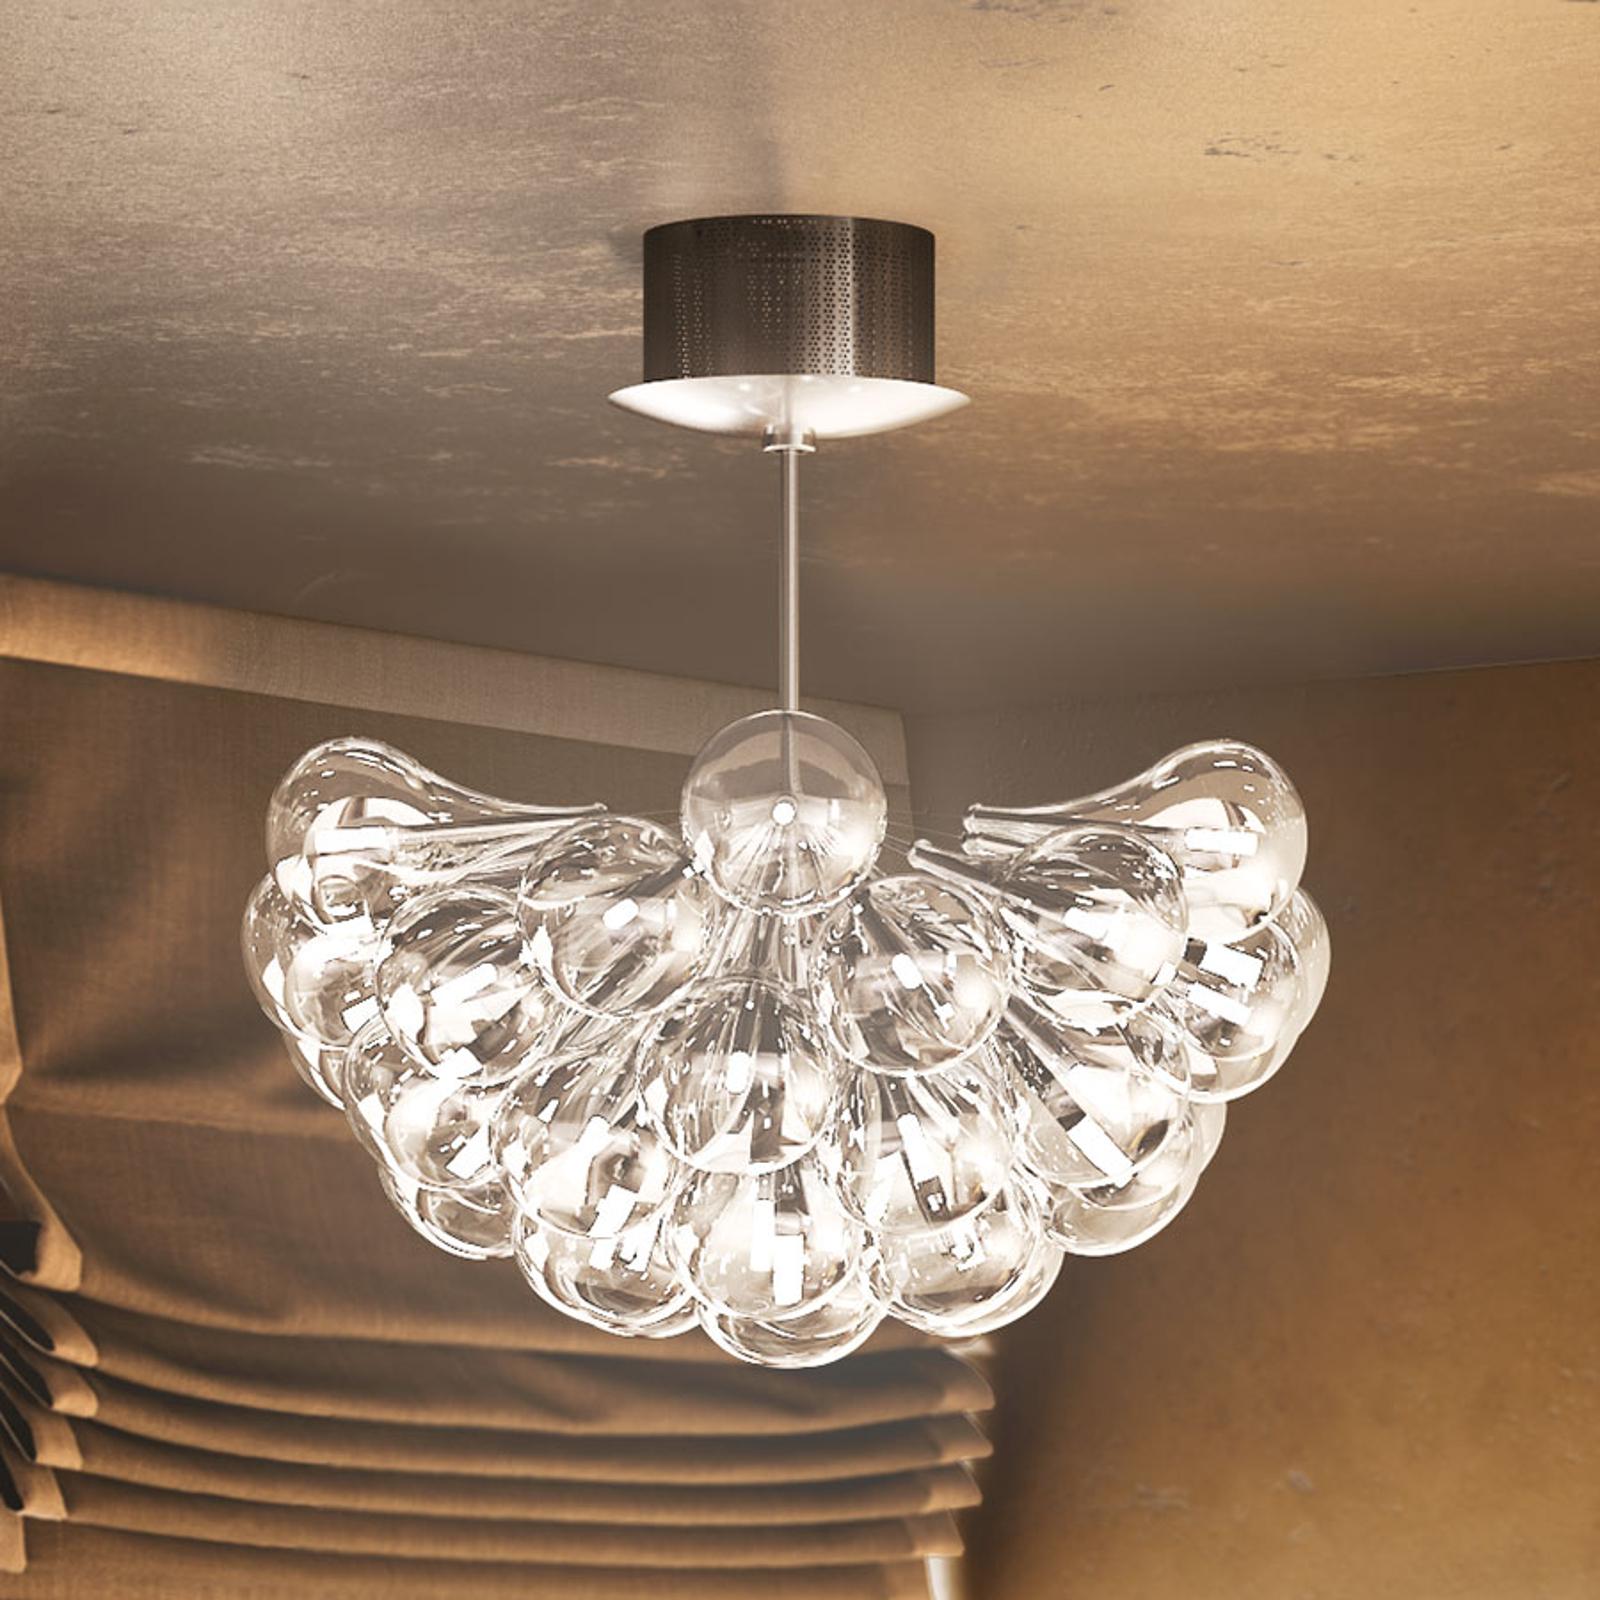 LED-hänglampa Drop S, 37 lampor